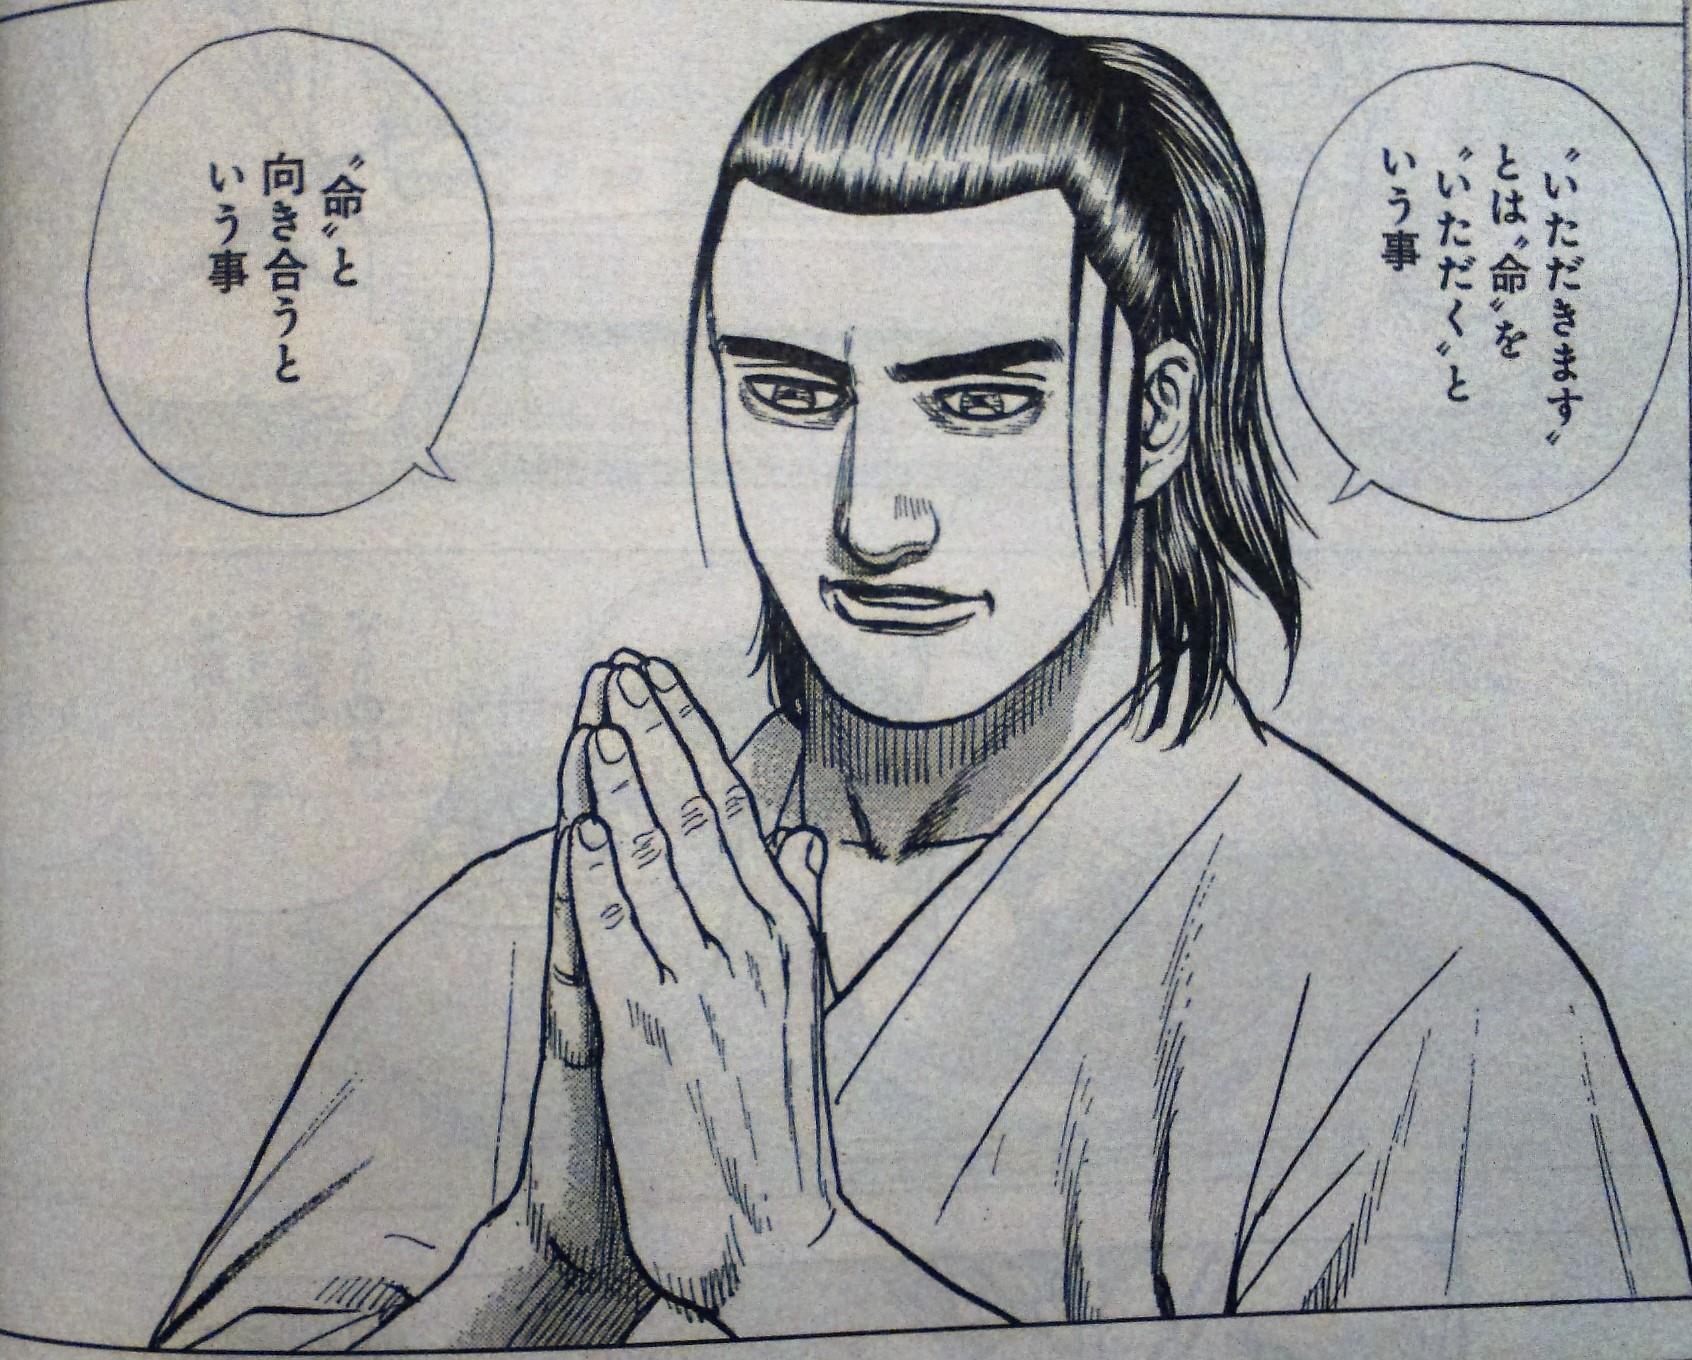 Itadakimasu Gochisoosama deshita